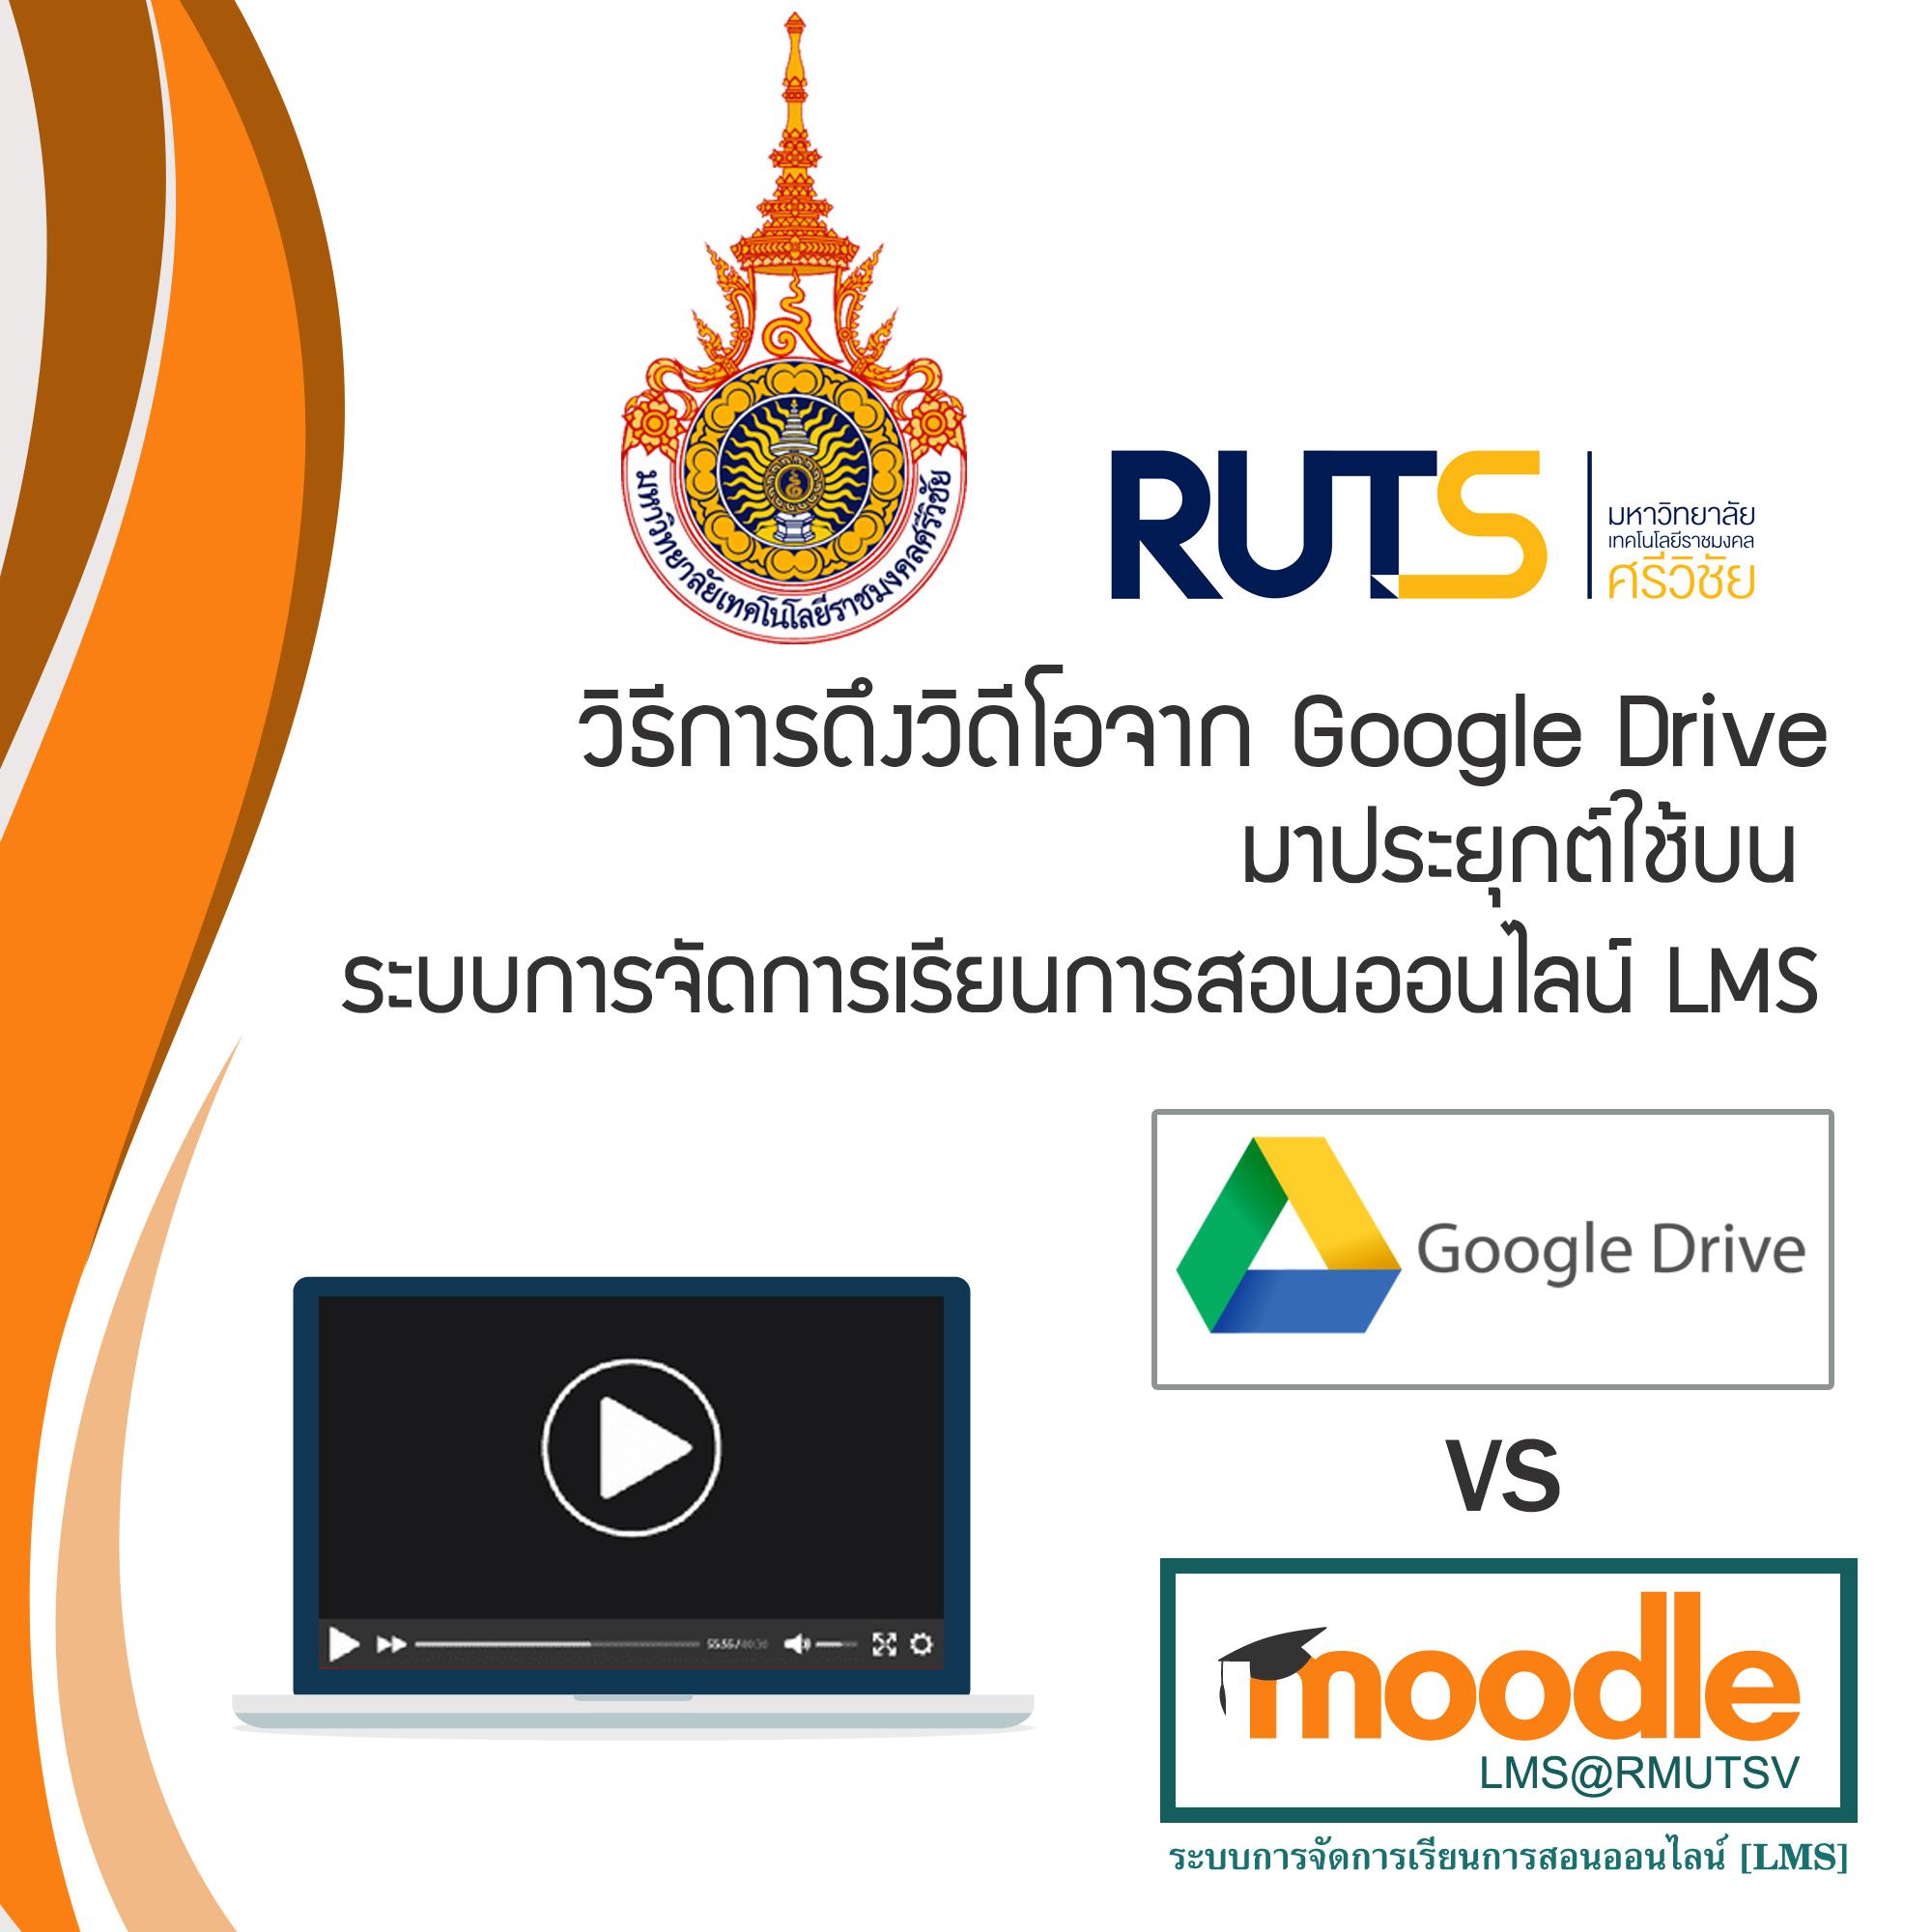 วิธีการดึงวีดีโอจาก Google Drive มาประยุกต์ใช้บน LMS